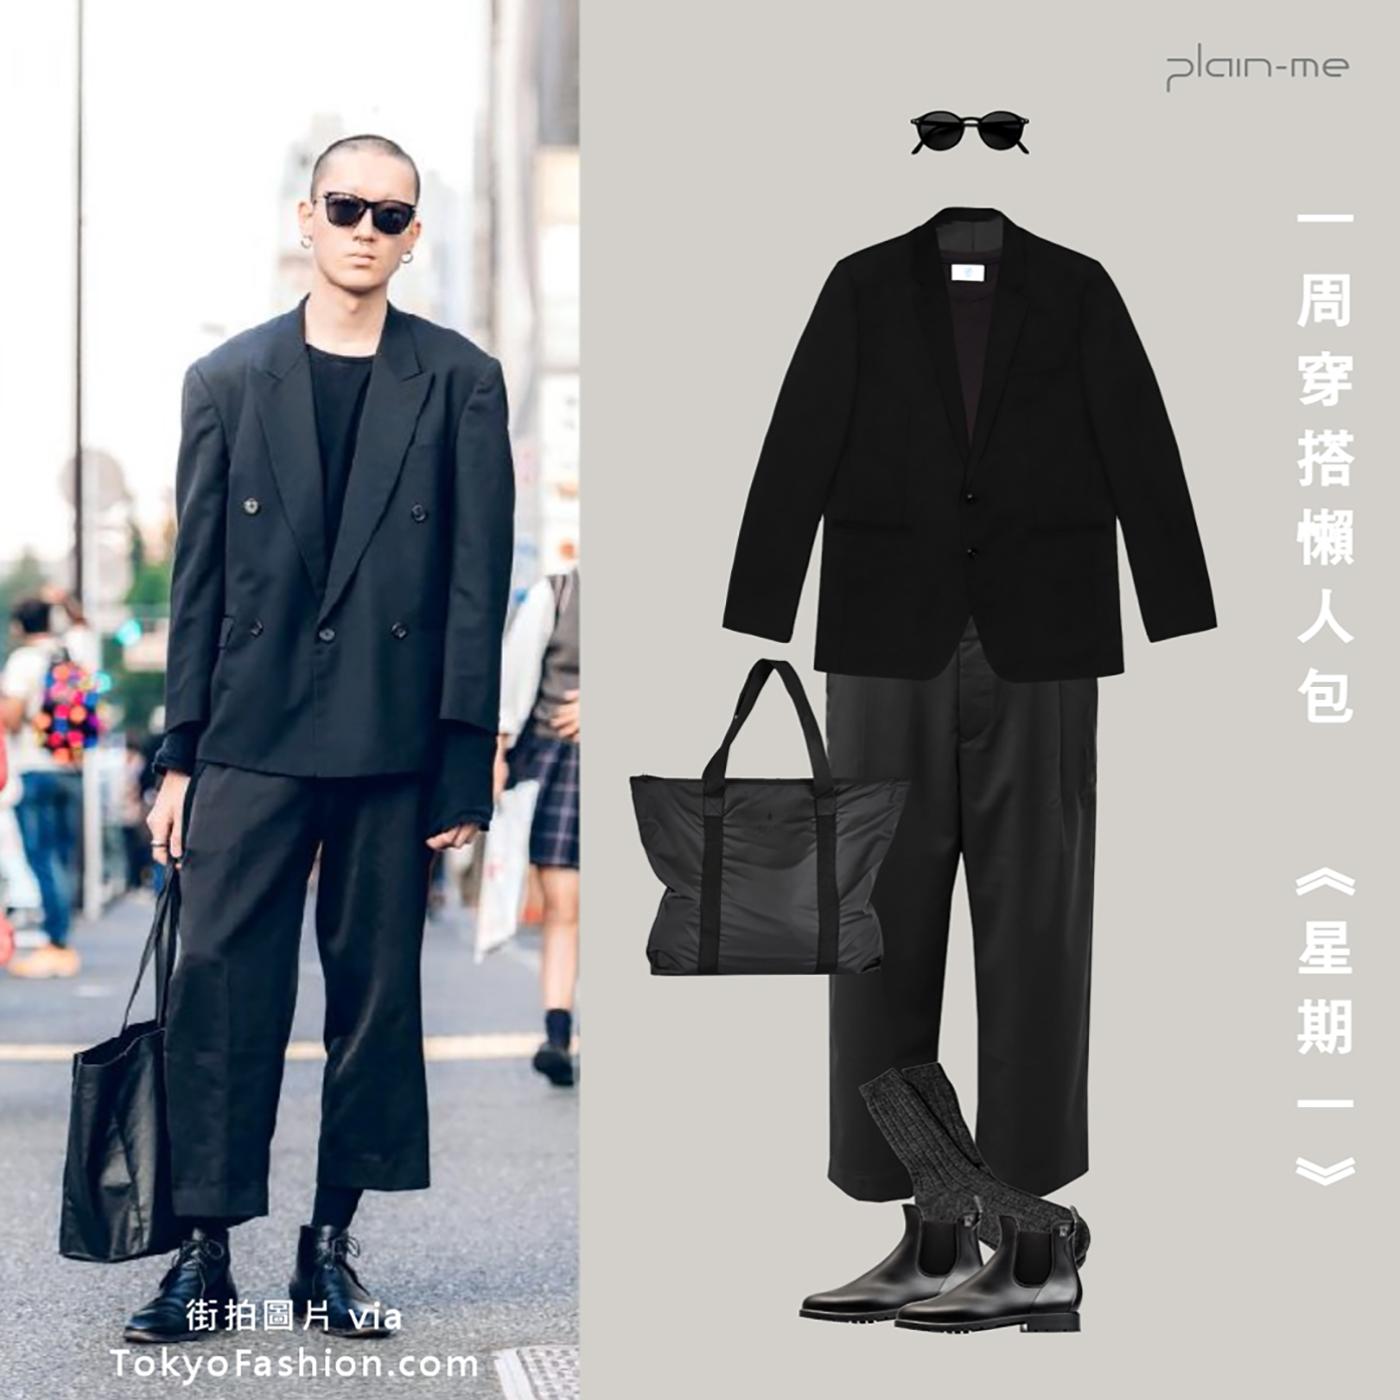 一週穿搭,懶人包,正裝,西裝,西裝外套,黑tee,tee,t-shirt,t恤,黑t恤